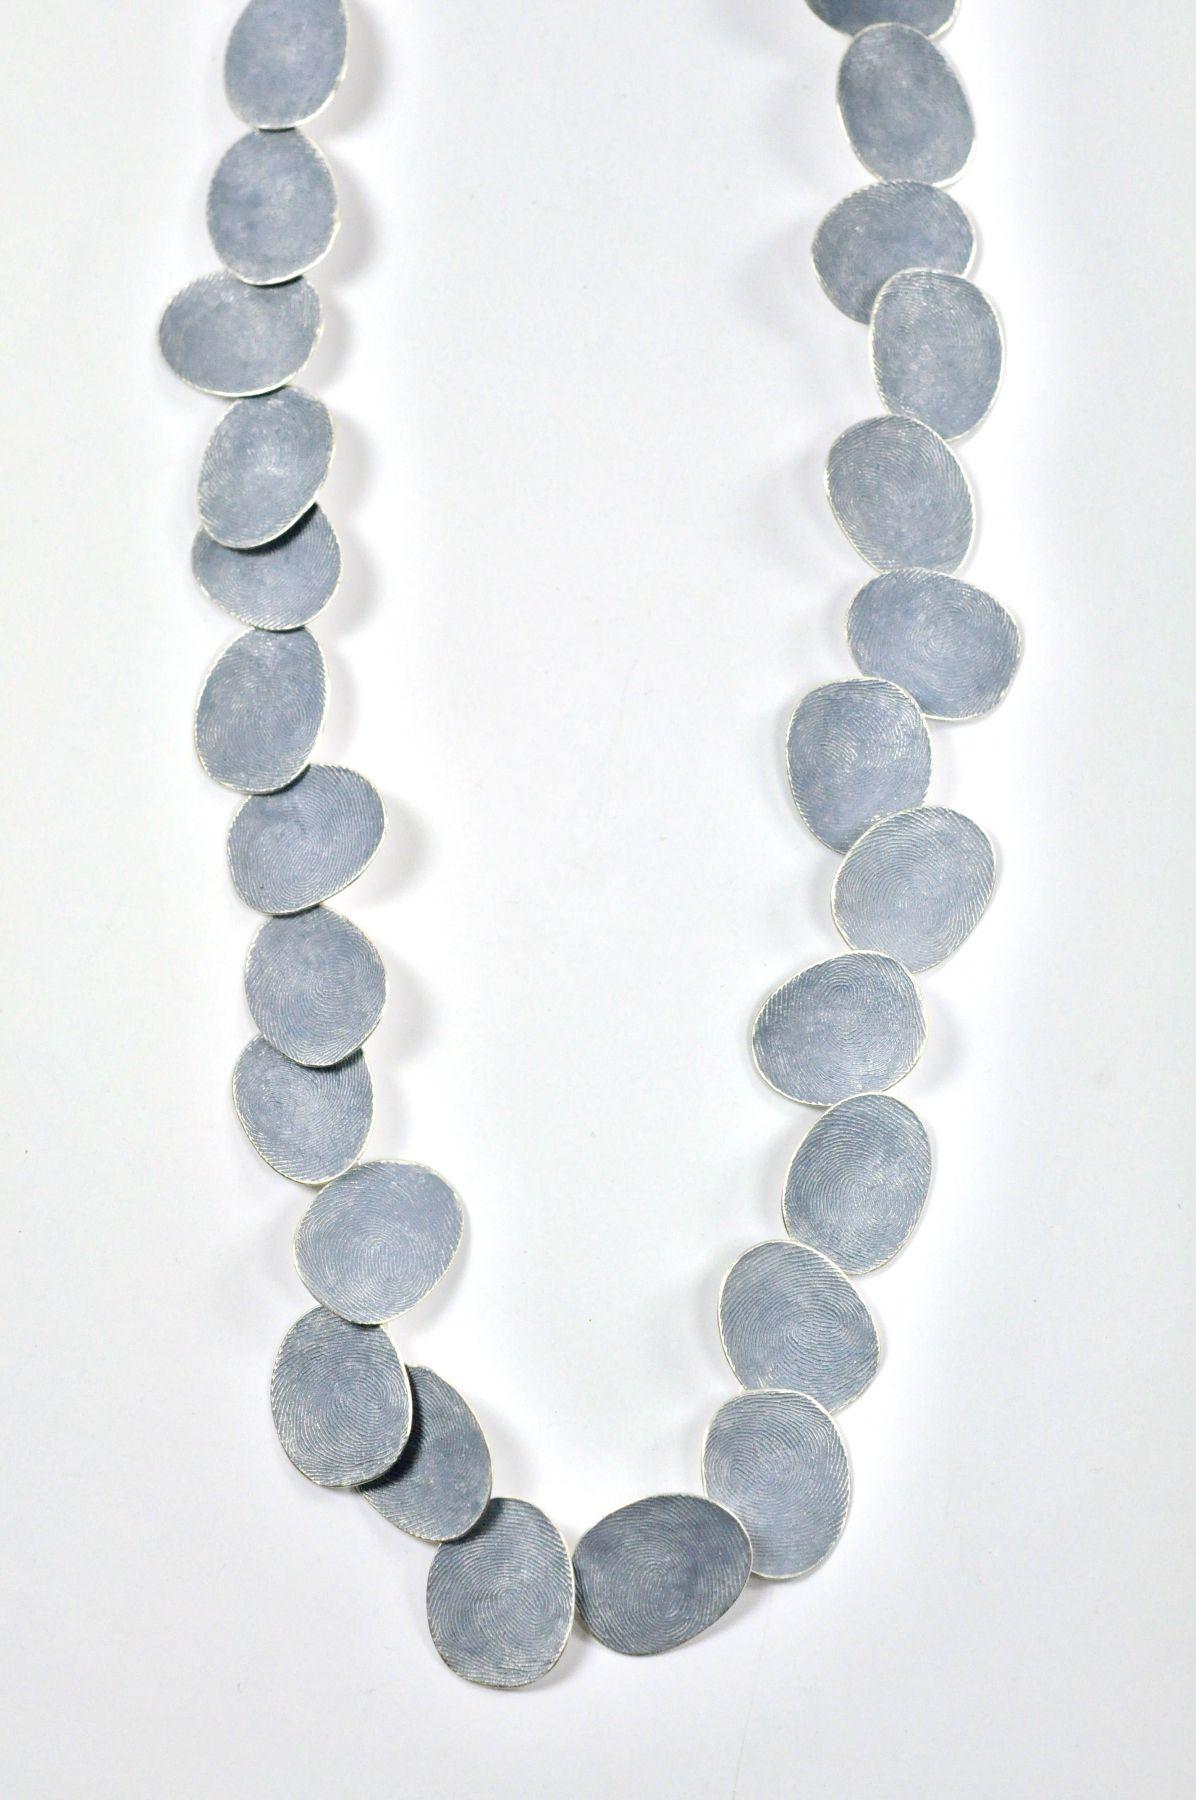 Gerd Rothmann, Geheimnisvolles Blau, halssieraad, 2021, zilver, pigment